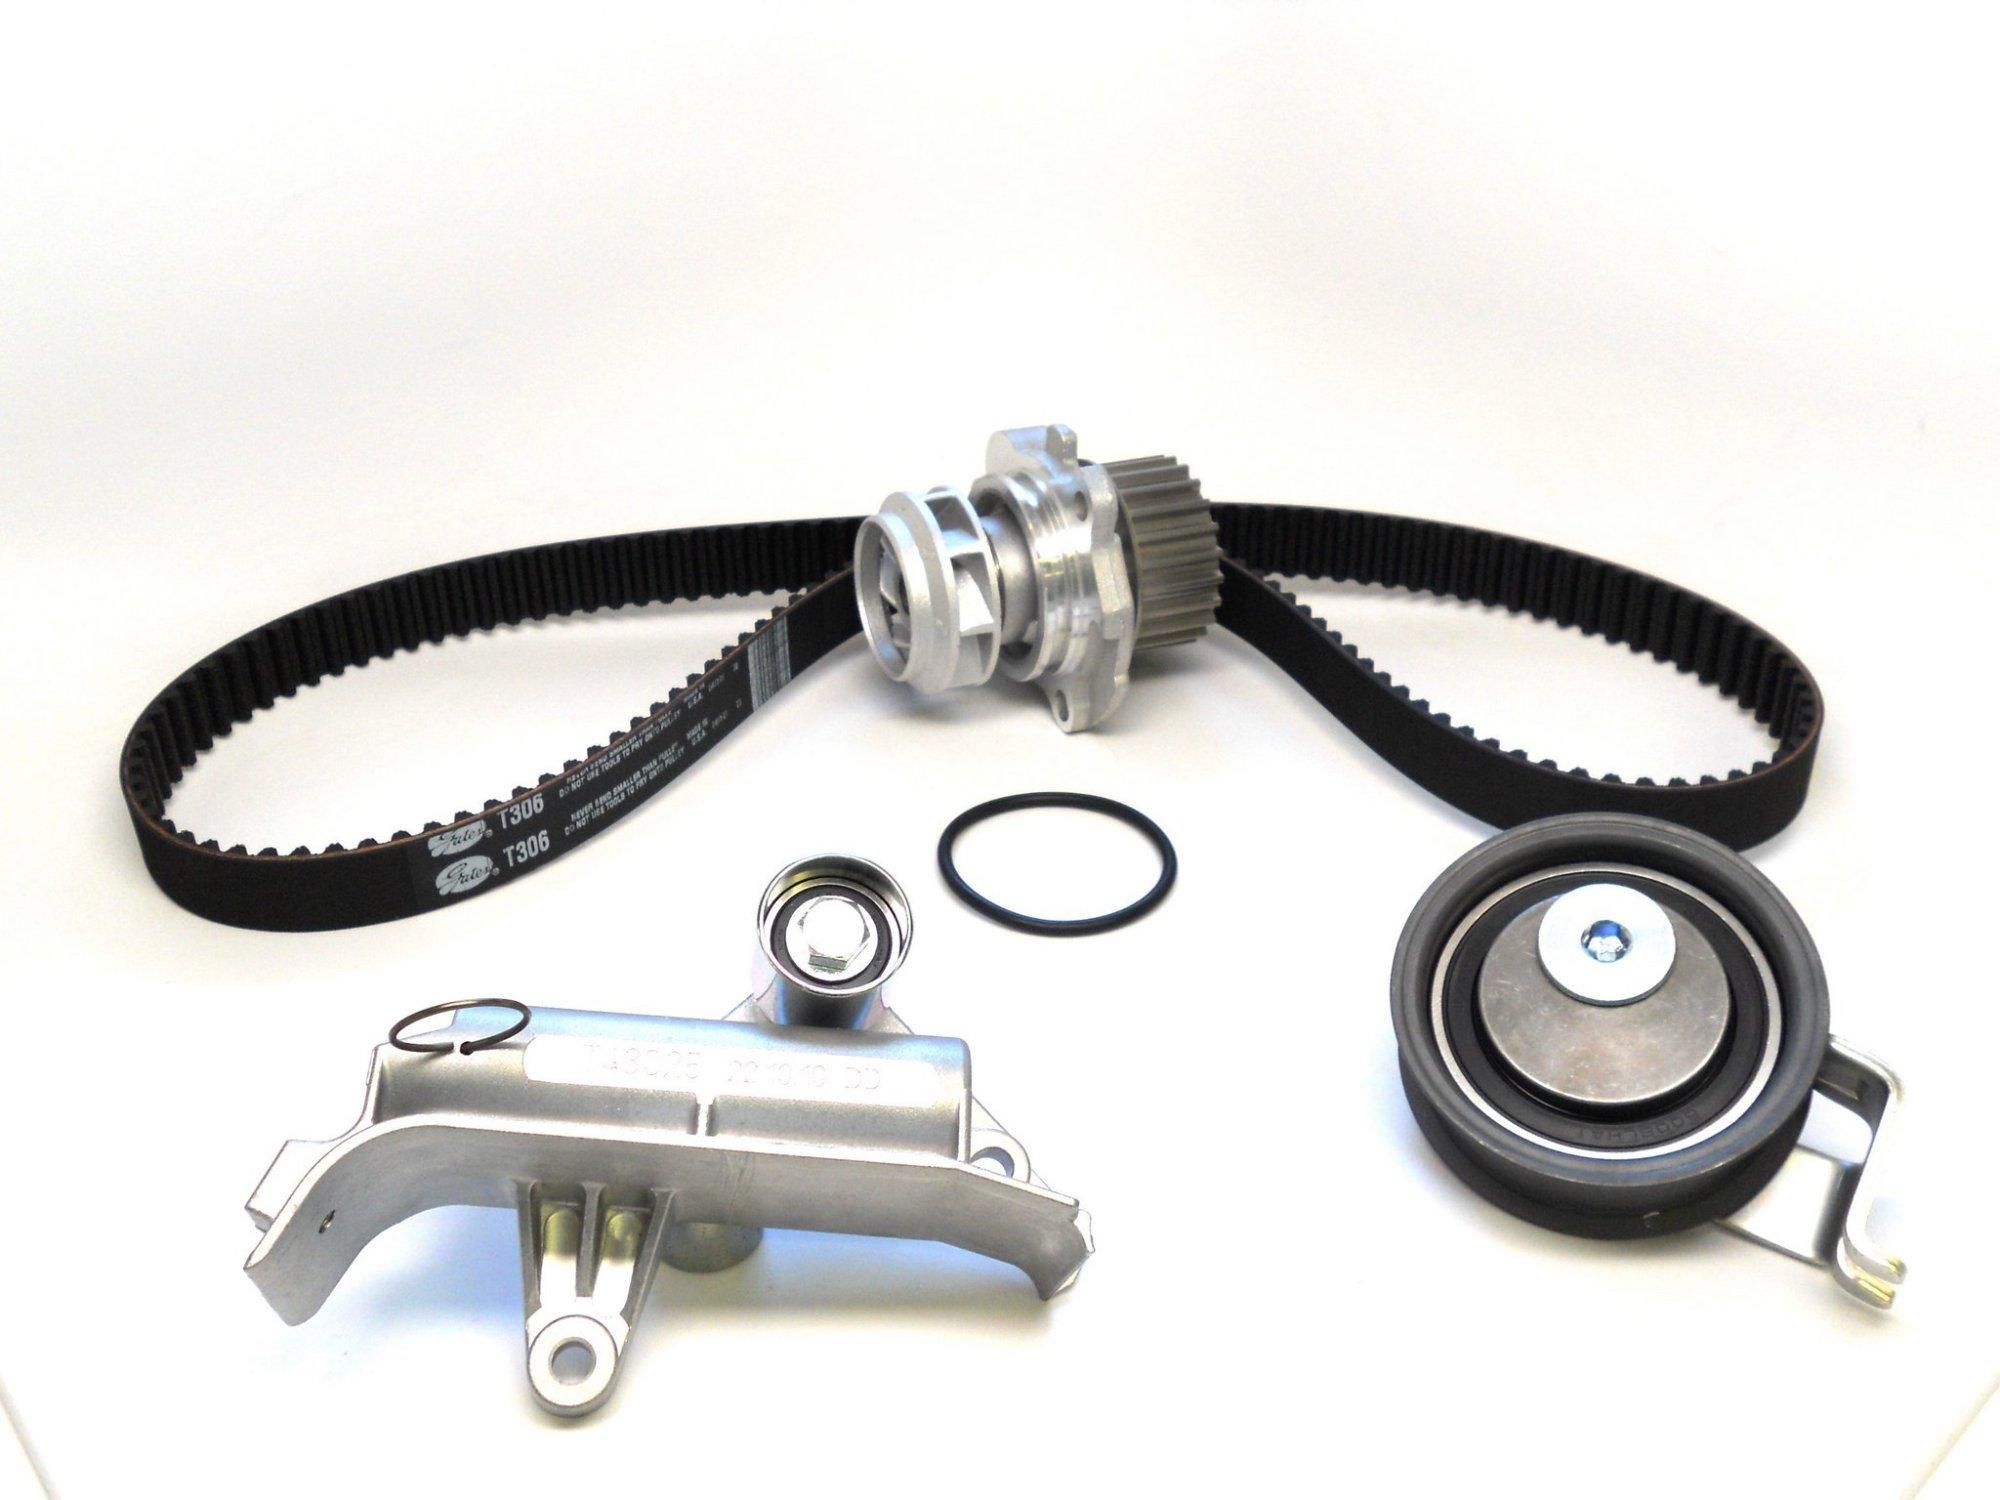 hight resolution of 2000 volkswagen passat engine timing belt kit with water pump zo tckwp306m